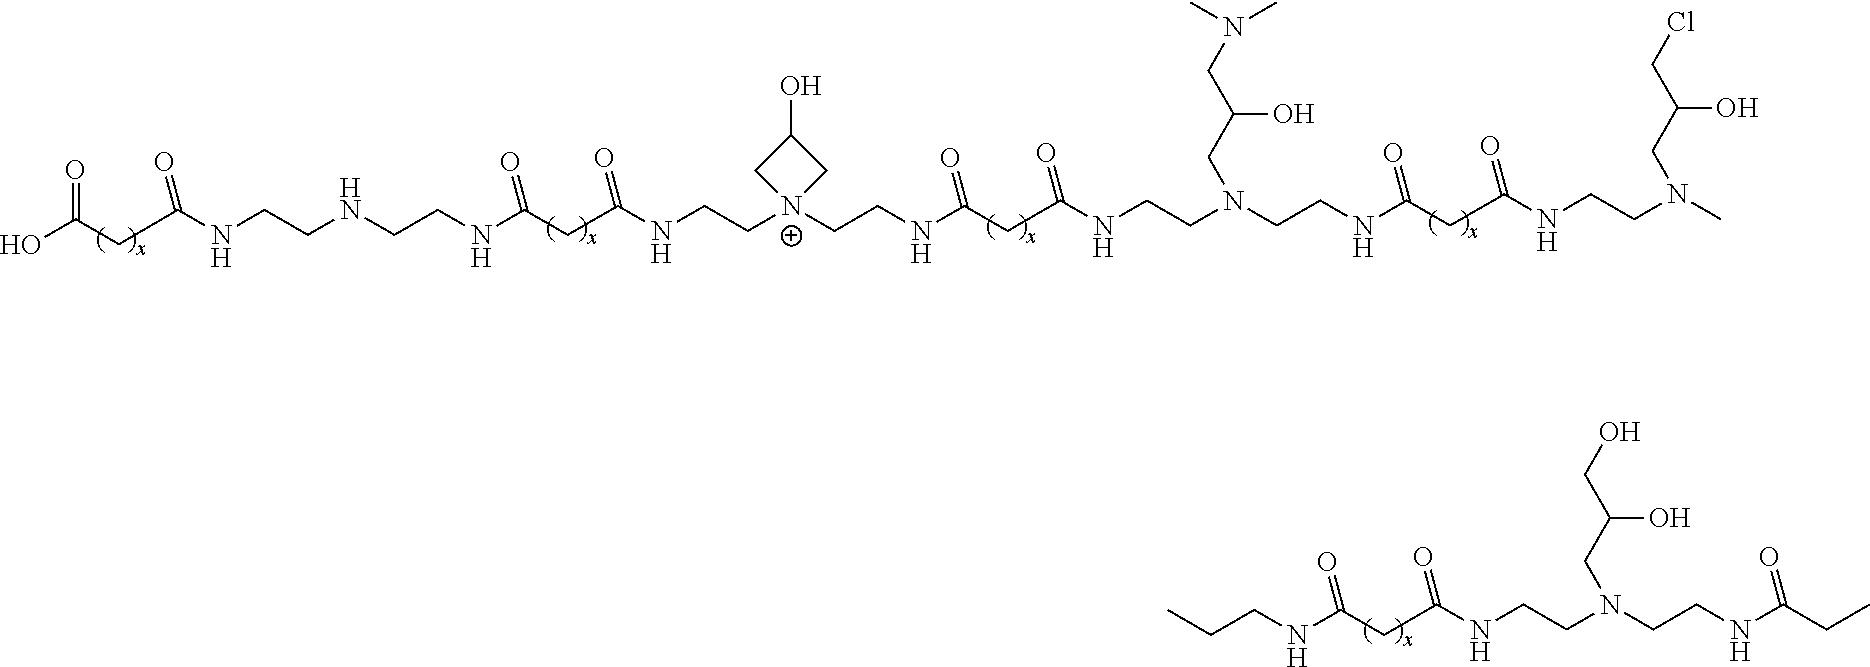 Figure US20110218271A1-20110908-C00005